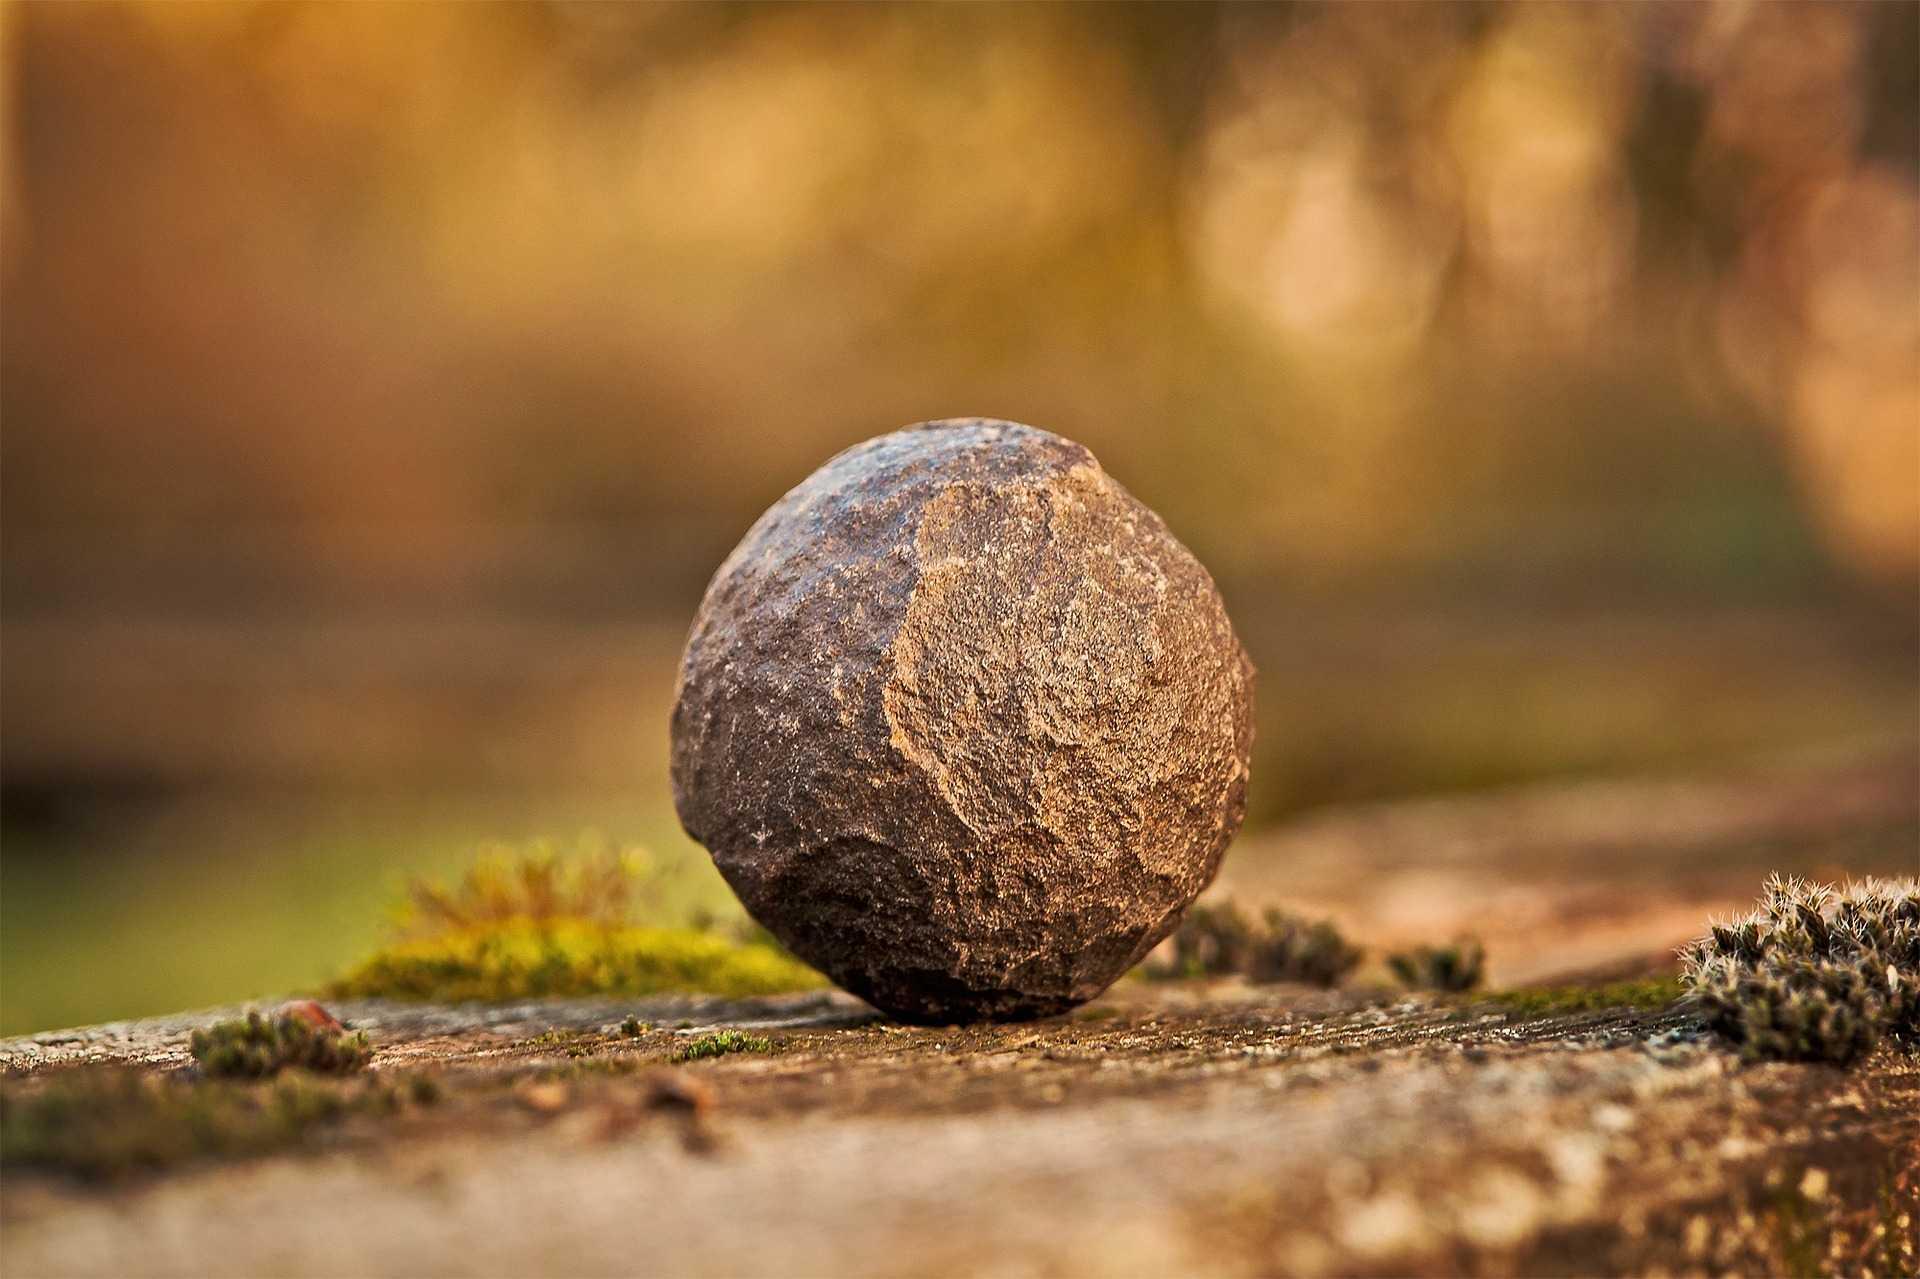 מכללת כרכור | ריפוי הרמוני אוניברסלי UHH - חזרת האיזון של אנרגיות אוניברסליות